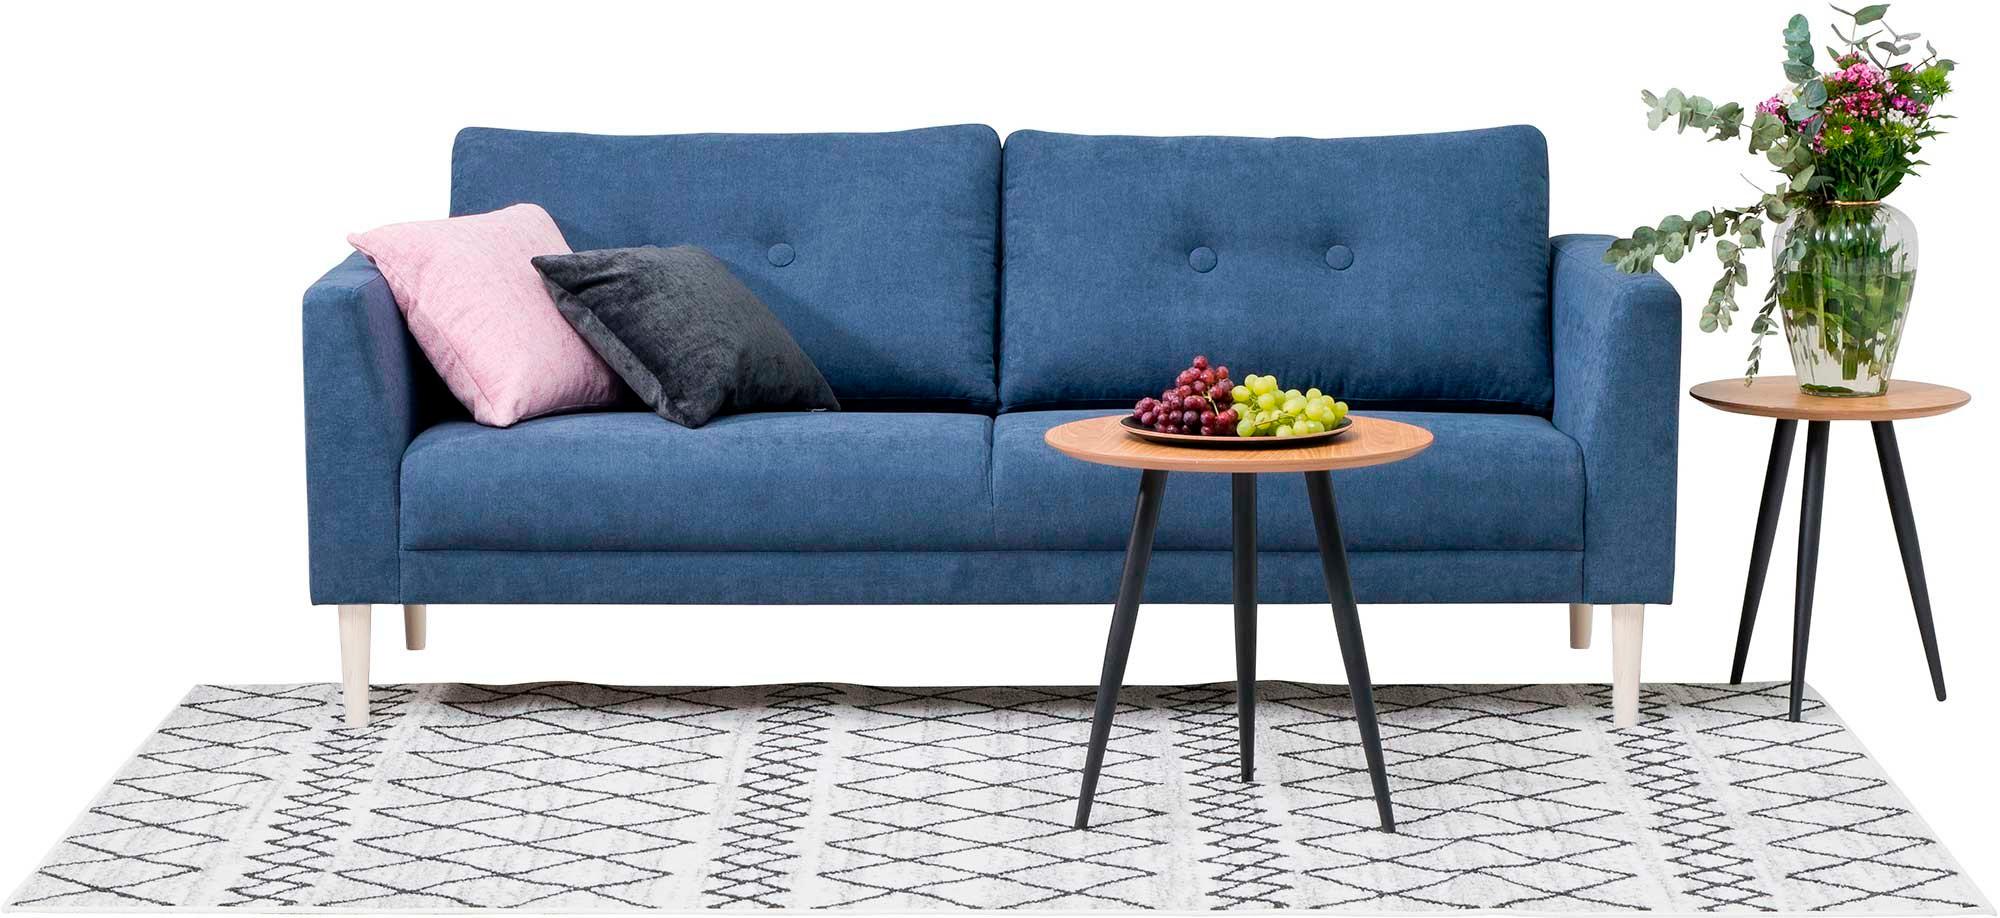 Alta 2,5 istuttava sohva